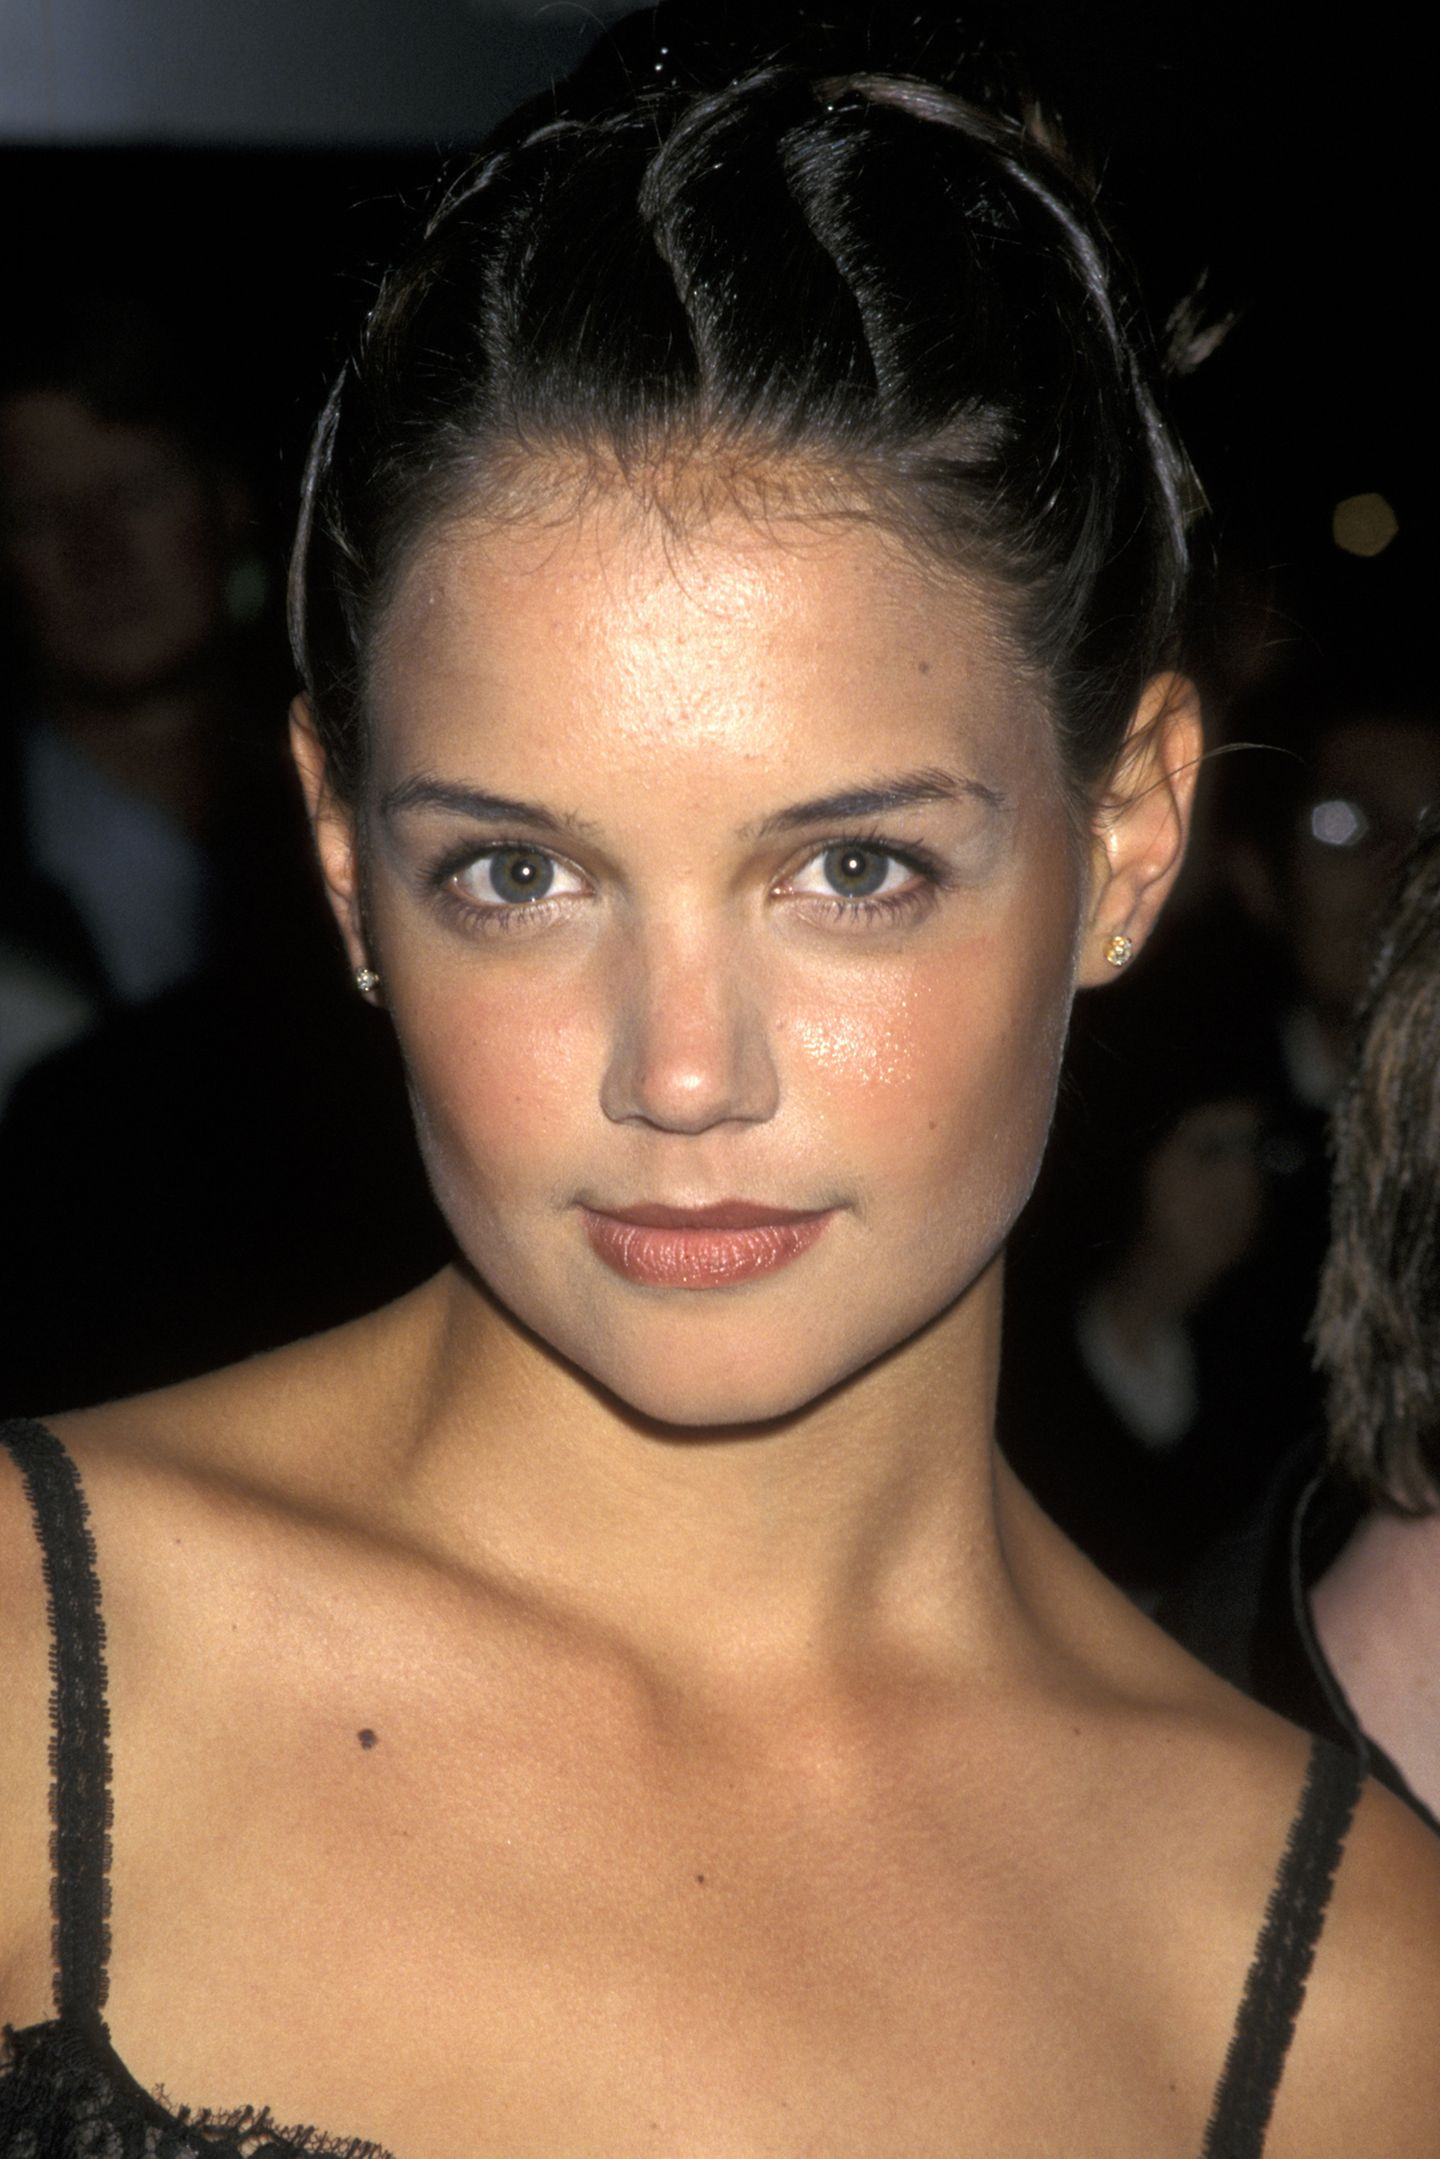 """1997  Katie Holmes steht am Anfang ihrer Karriere. Noch muss sieHighschool und Schauspielerei unter einen Hut bekommen. Daher lehnt sie zum Beispiel auch die Rolleder Buffy in """"Buffy - Im Bann der Dämonen"""" ab und hält sich erst einmal an kleinere Auftritte wie in """"Der Eissturm""""."""